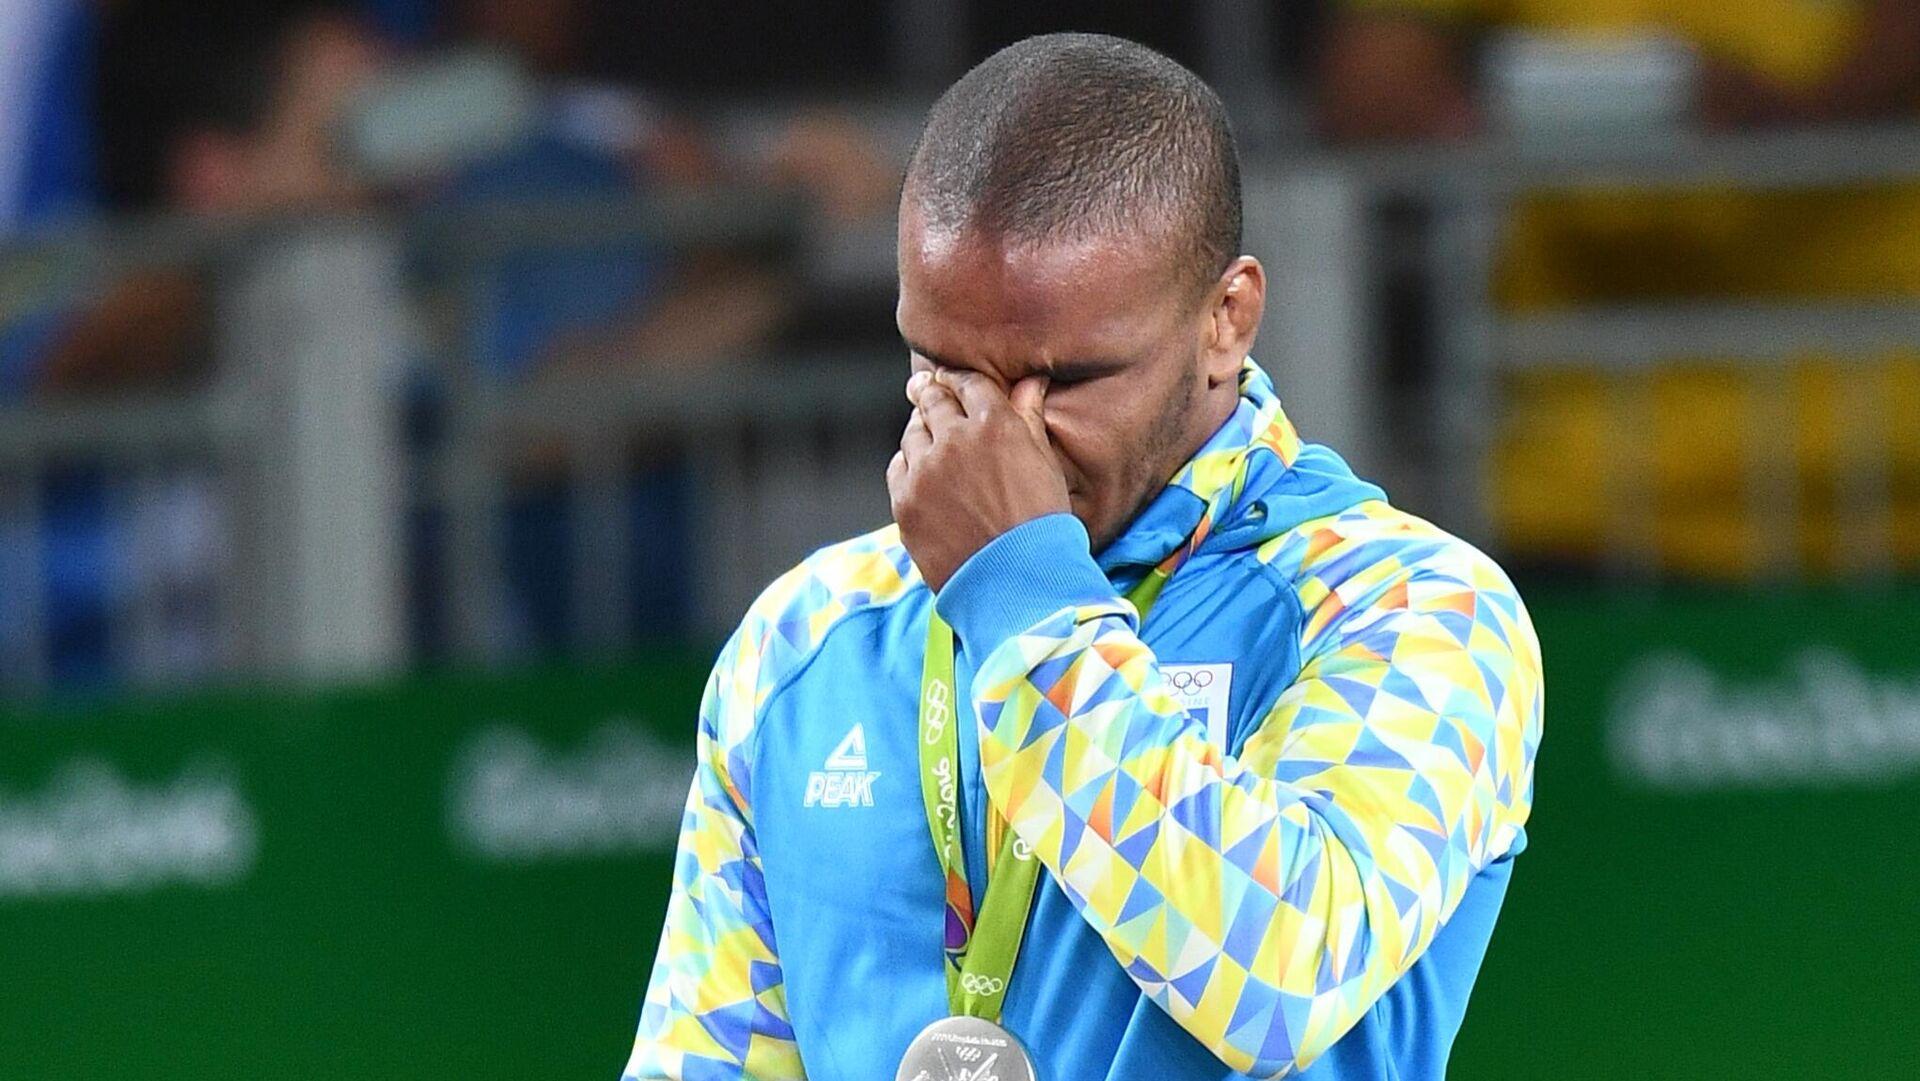 Ο Ουκρανός Ολυμπιονίκης Ζαν Μπέλενιουκ - Sputnik Ελλάδα, 1920, 16.09.2021